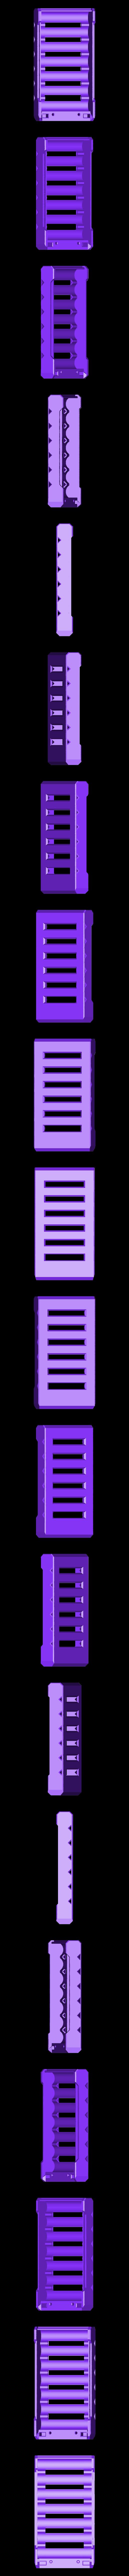 18650_7P_base_V2_Vented.stl Télécharger fichier STL gratuit NESE, le module V2 sans soudure 18650 (VENTED) • Objet pour imprimante 3D, 18650